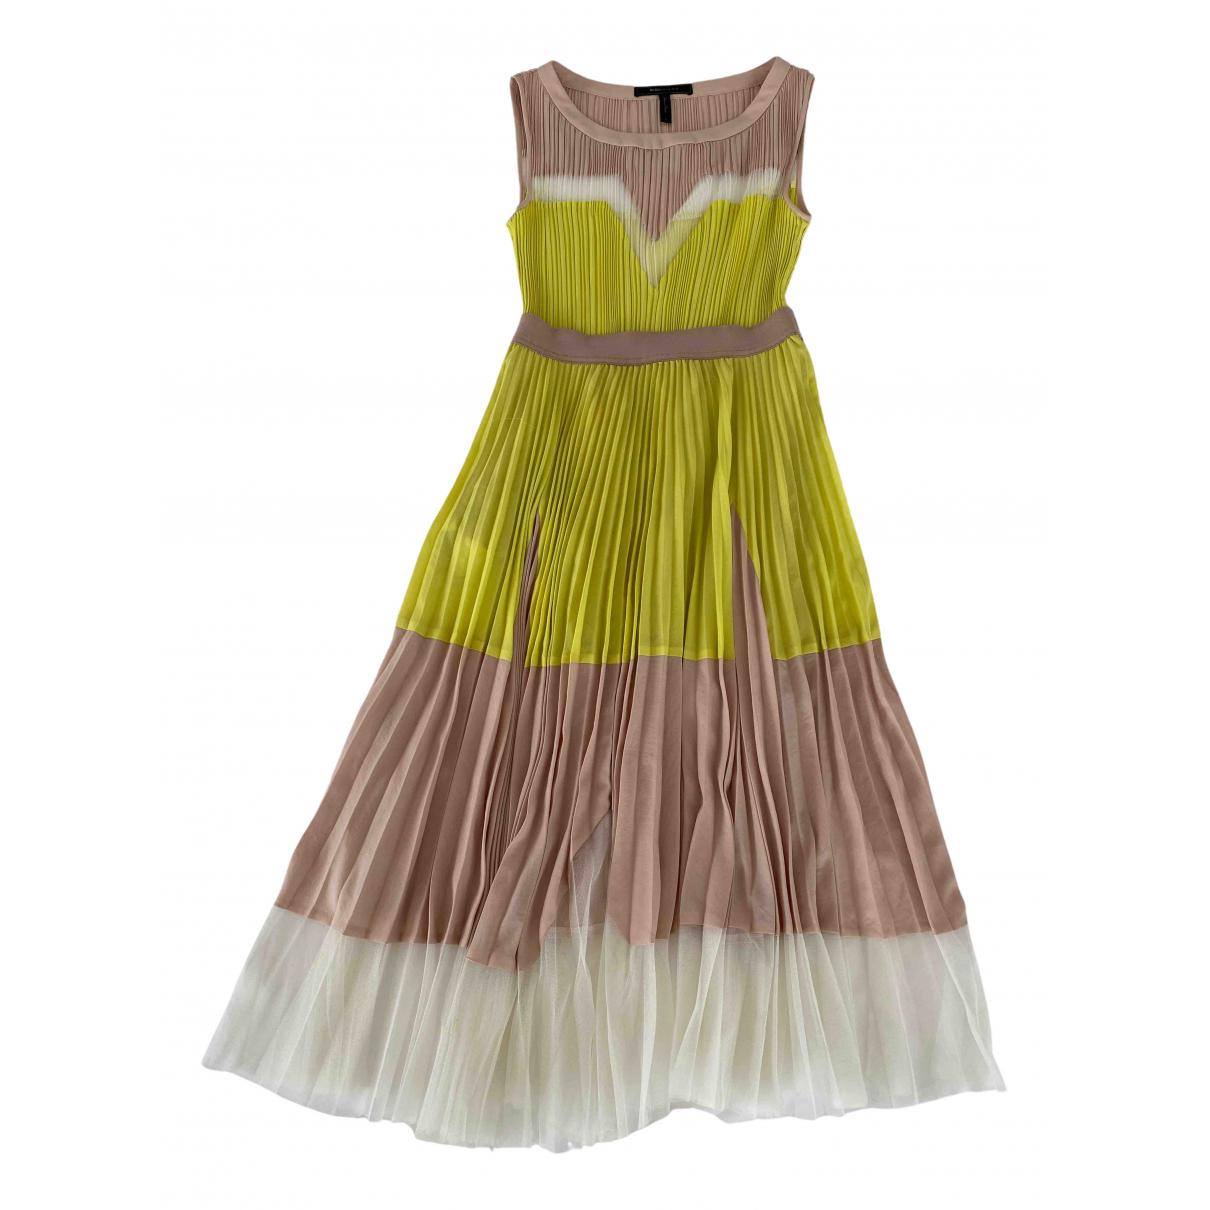 Bcbg Max Azria \N Kleid in  Beige Polyester